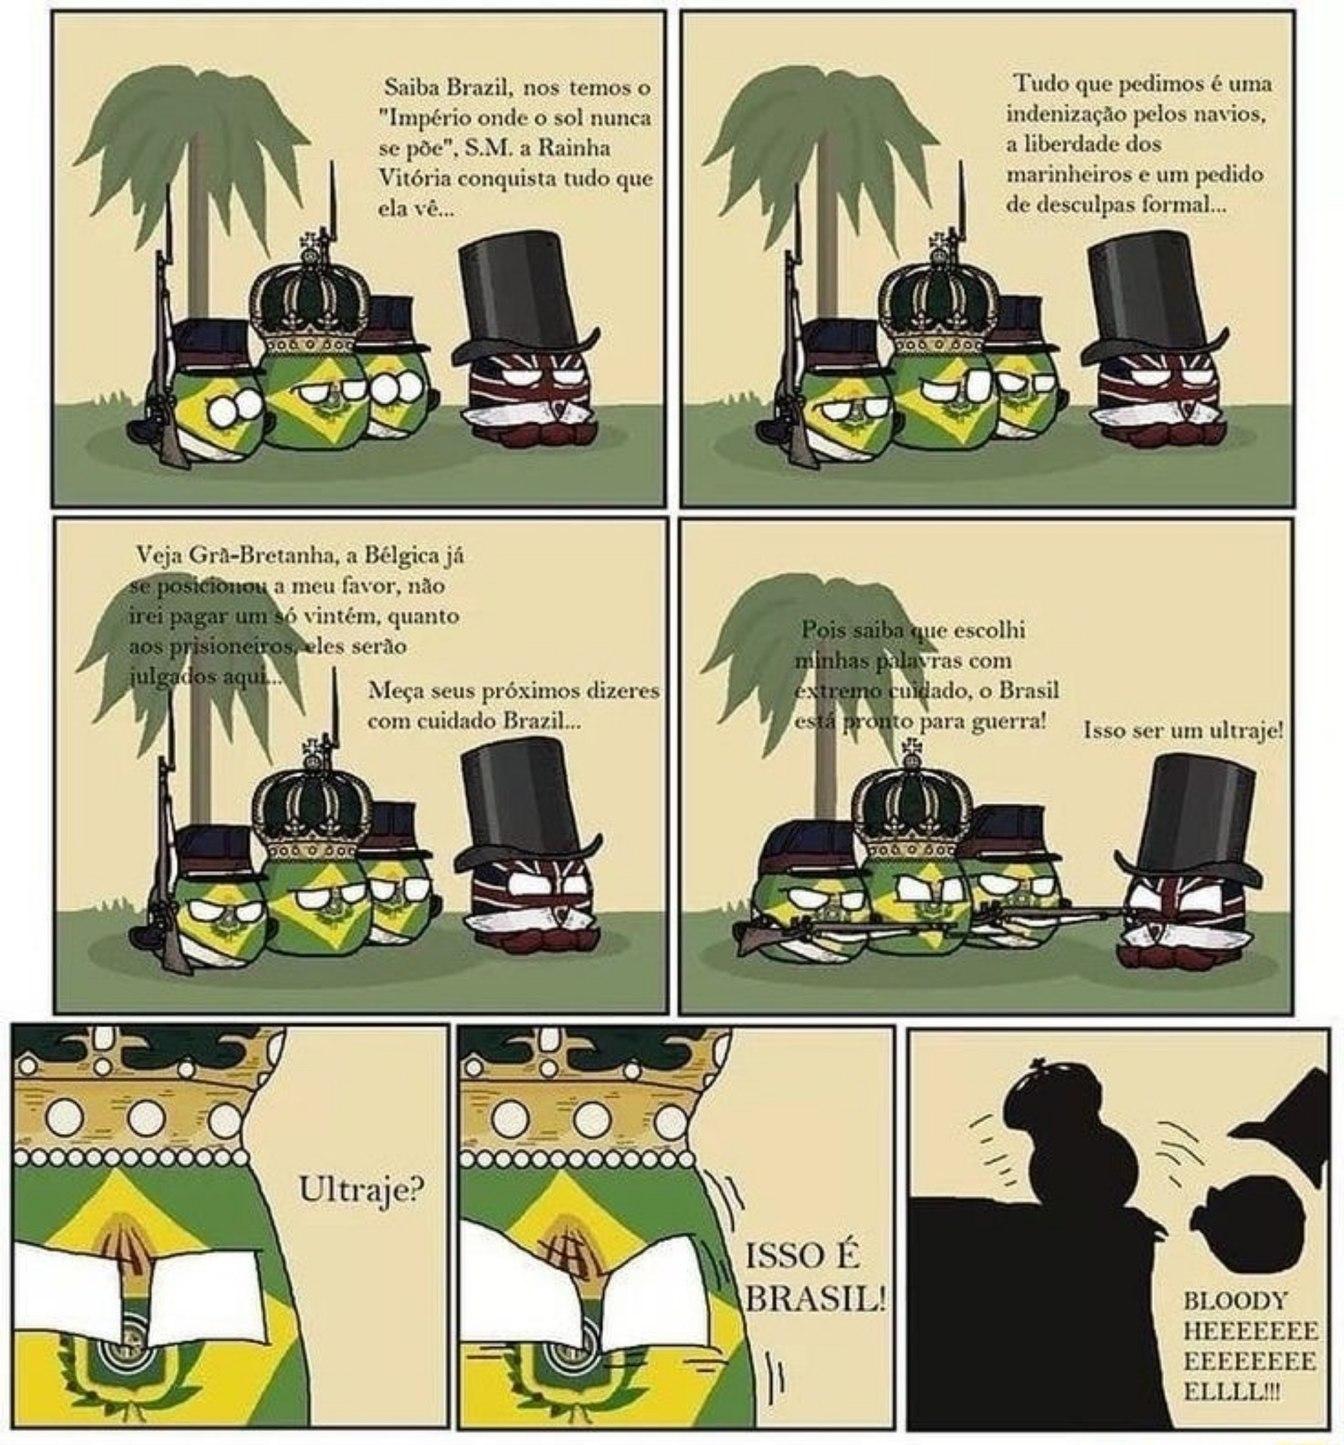 Um complemento do meme desse assunto que eu vi aqui esses dias. Viva a monarquia?